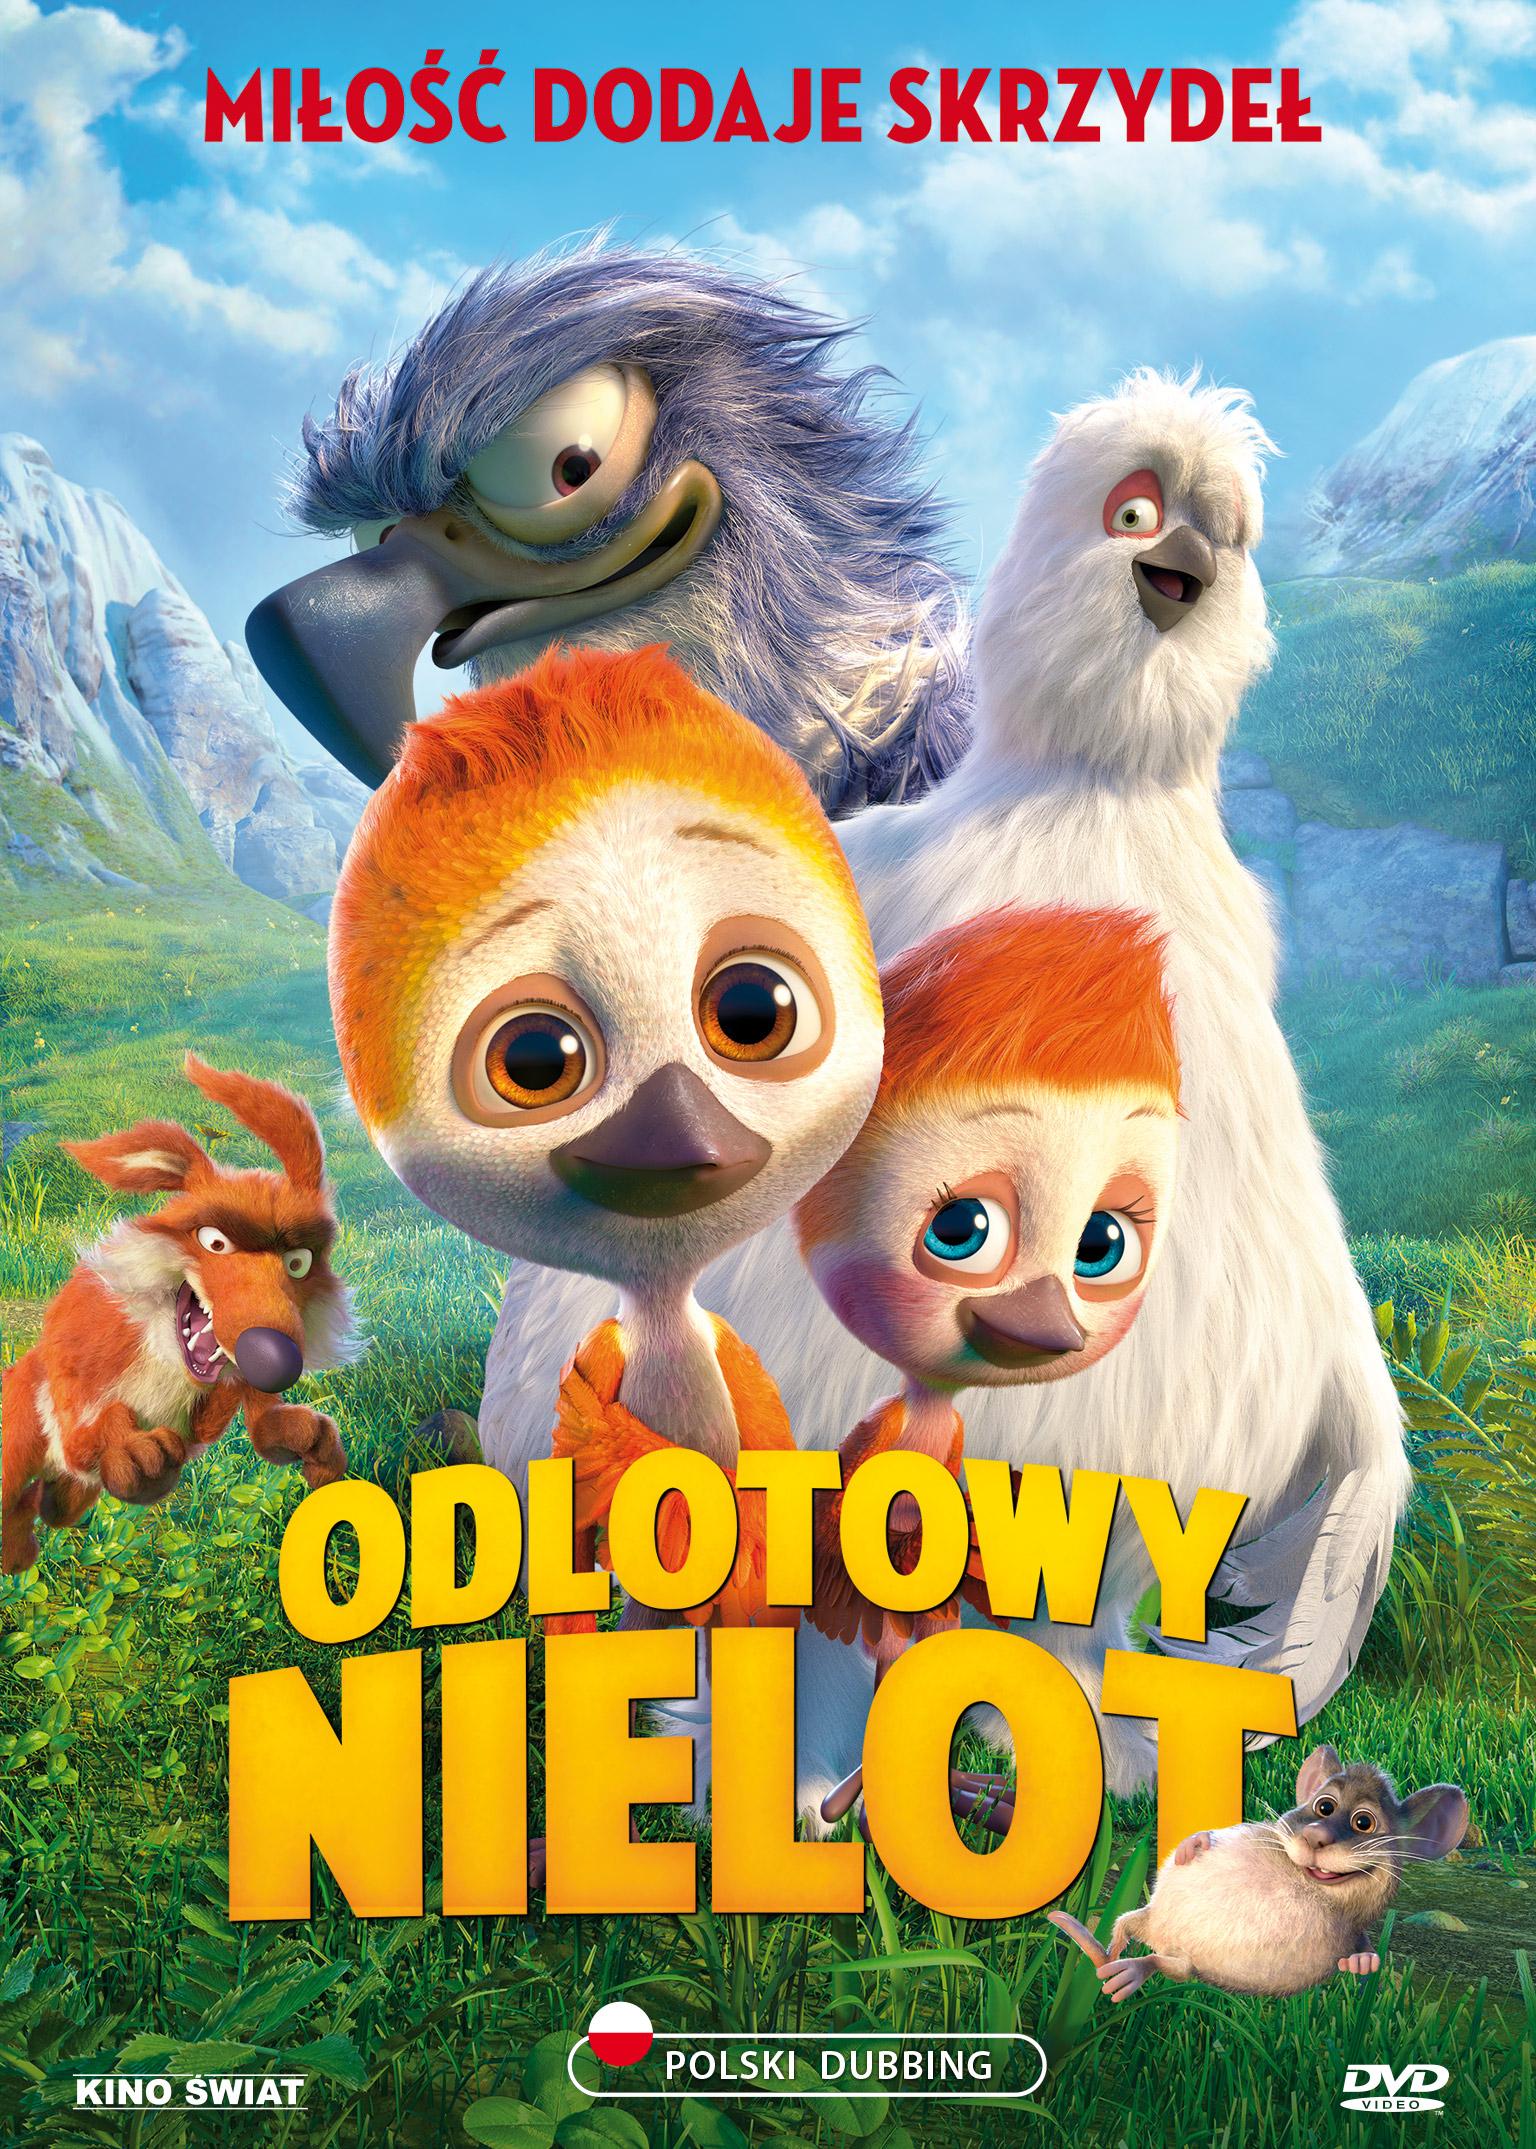 Odlotowy-nielot_(1str-DVD)